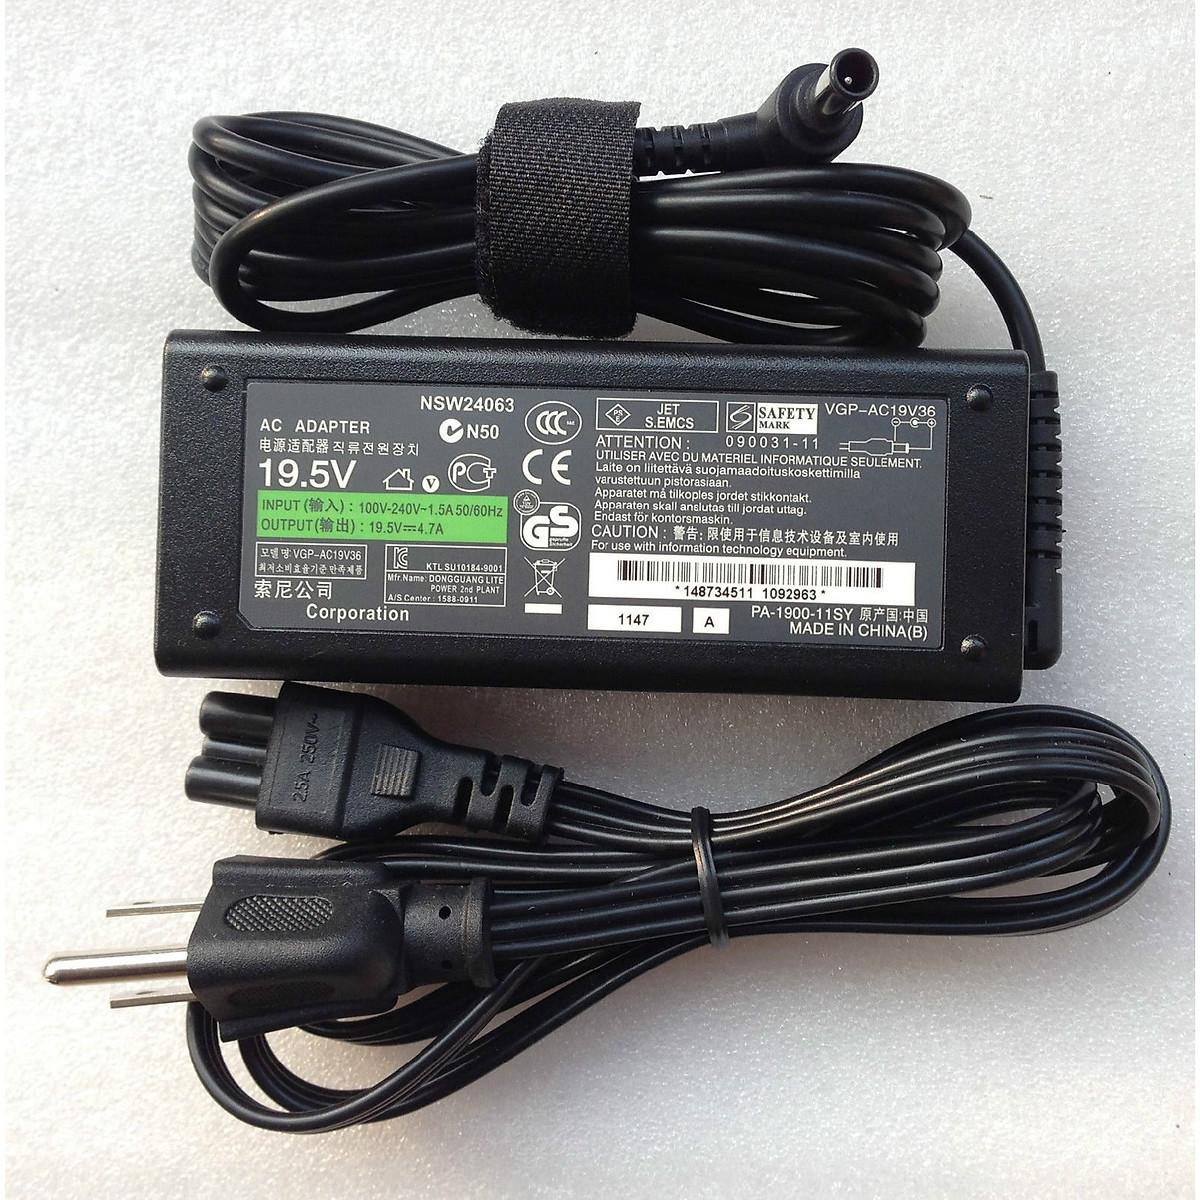 Sạc dành cho laptop Sony PCG-7153L | Adapter Vaio PCG-7153L